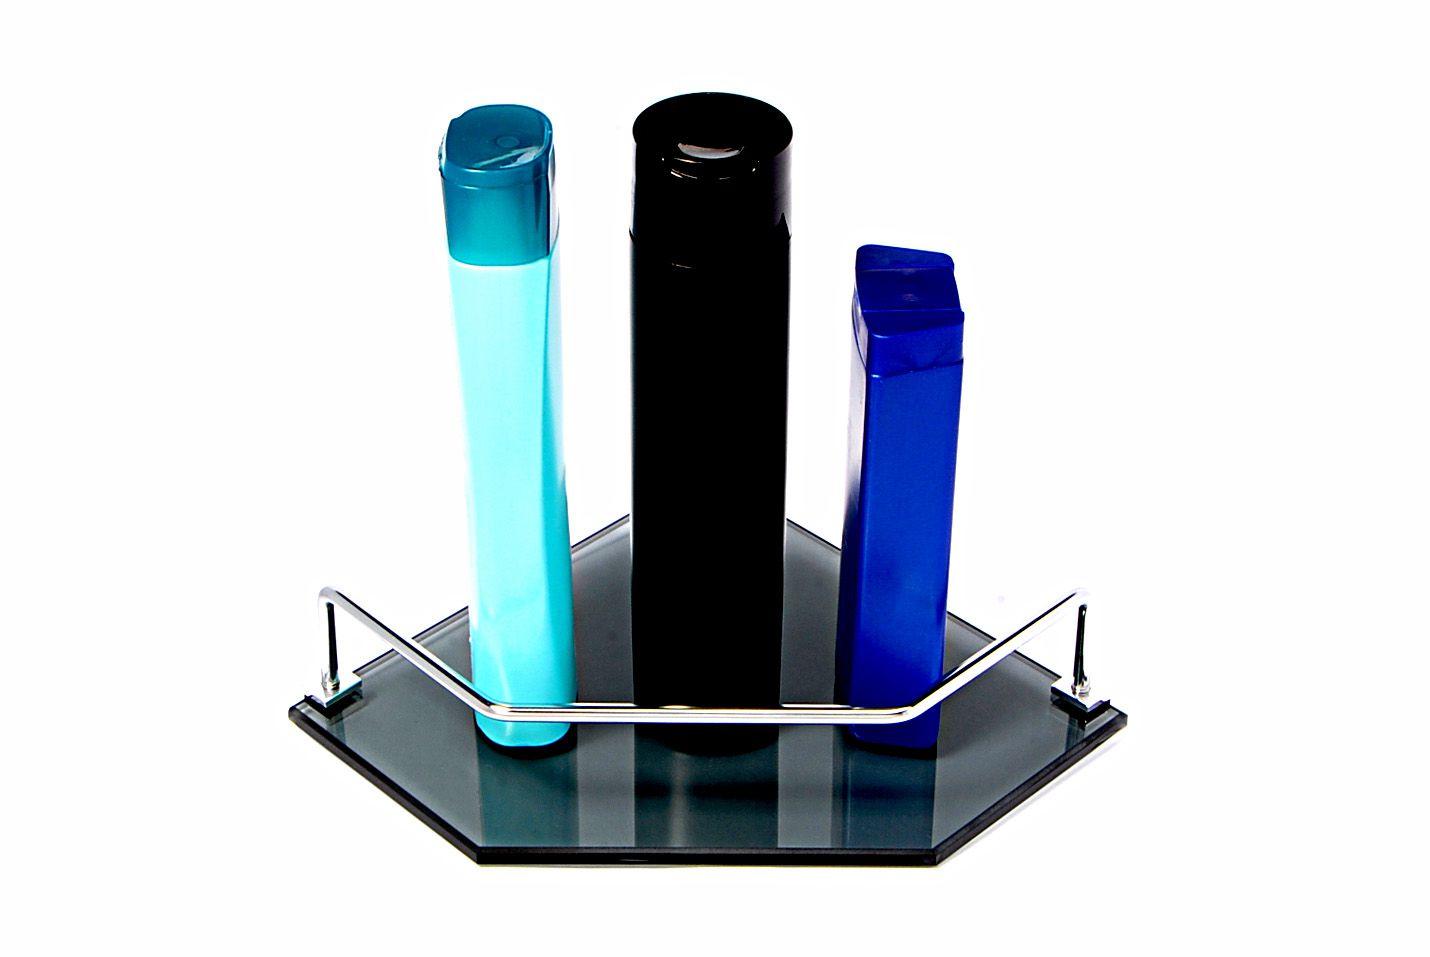 Porta Shampoo Canto Reto em Vidro Fumê Lapidado - Aquabox  - 20cmx20cmx8mm